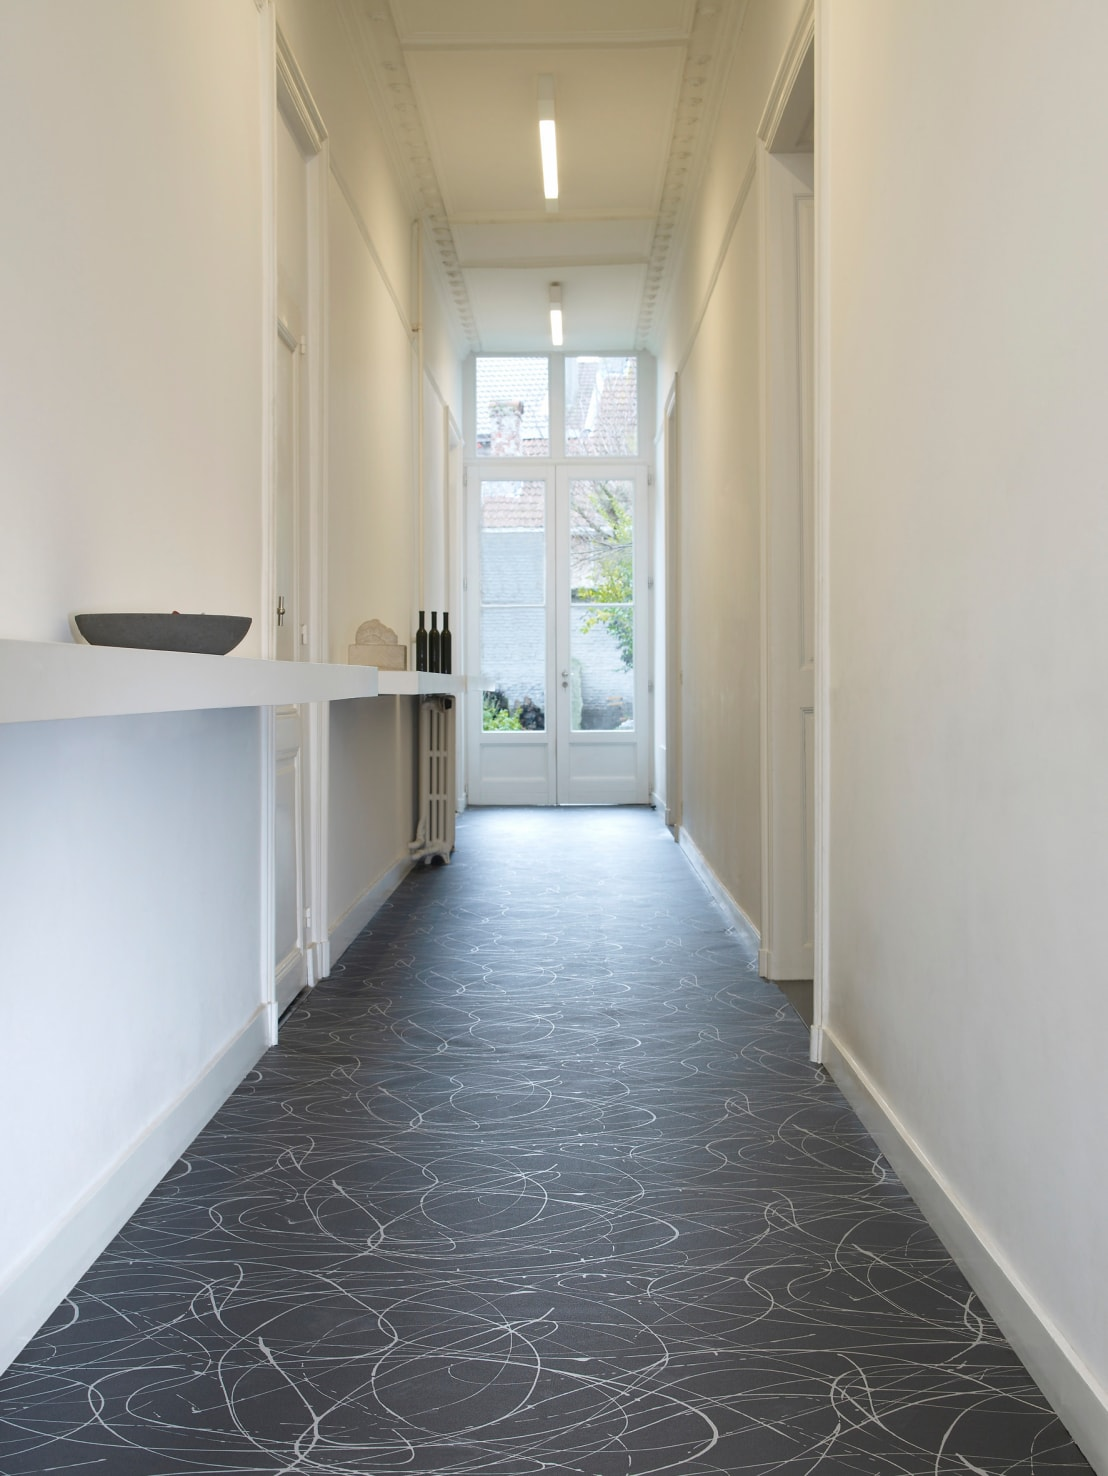 Pavimenti moderni le migliori soluzioni per la casa for Accessori per la casa moderni